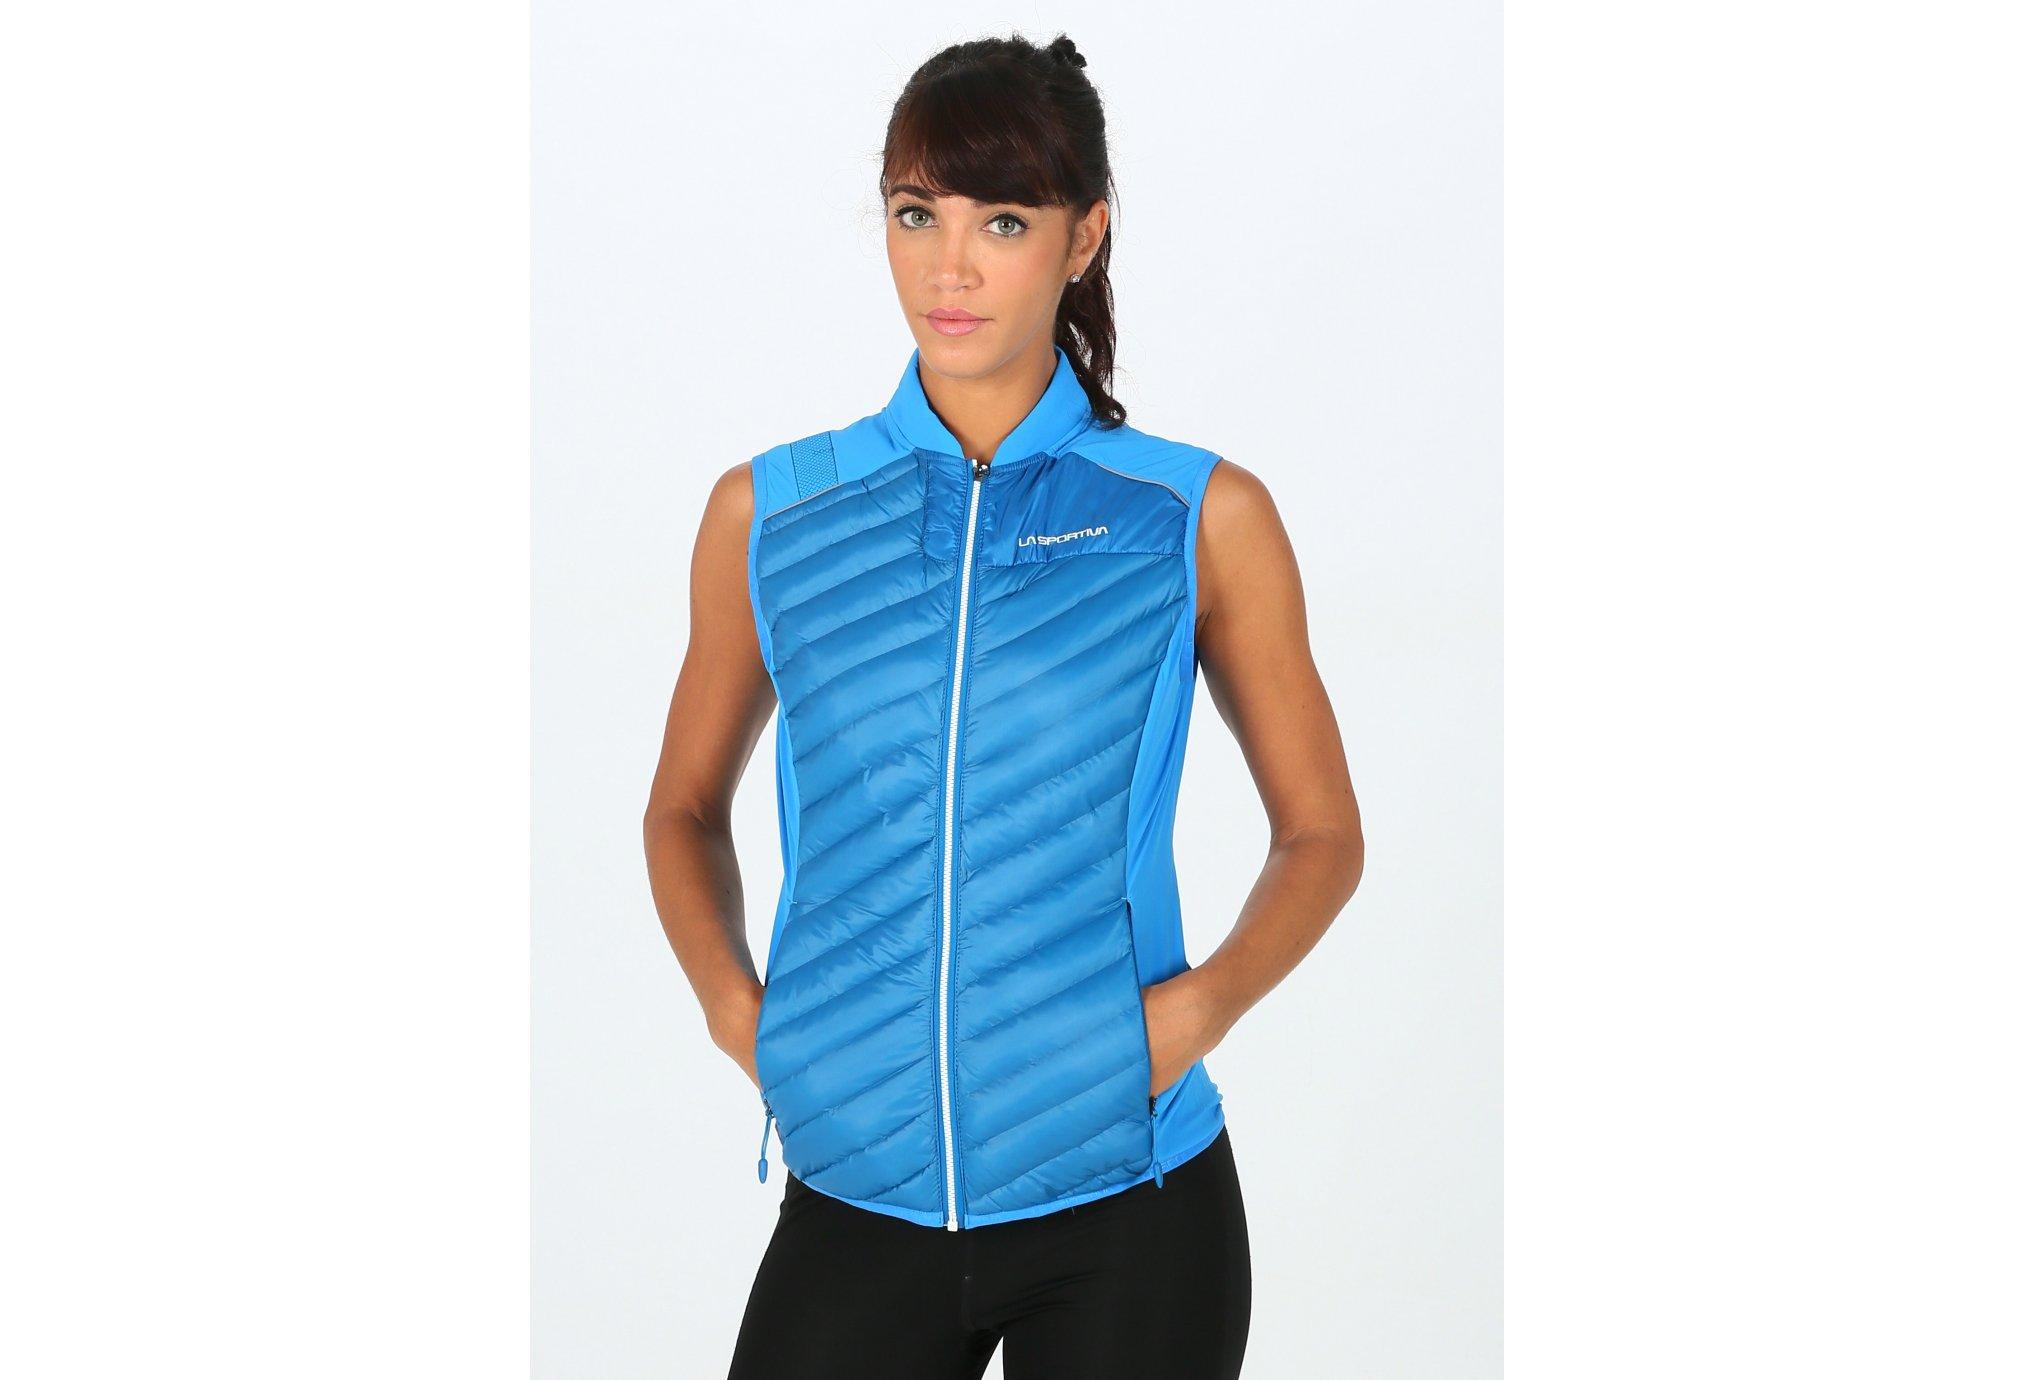 La Sportiva Aria W Diététique Vêtements femme